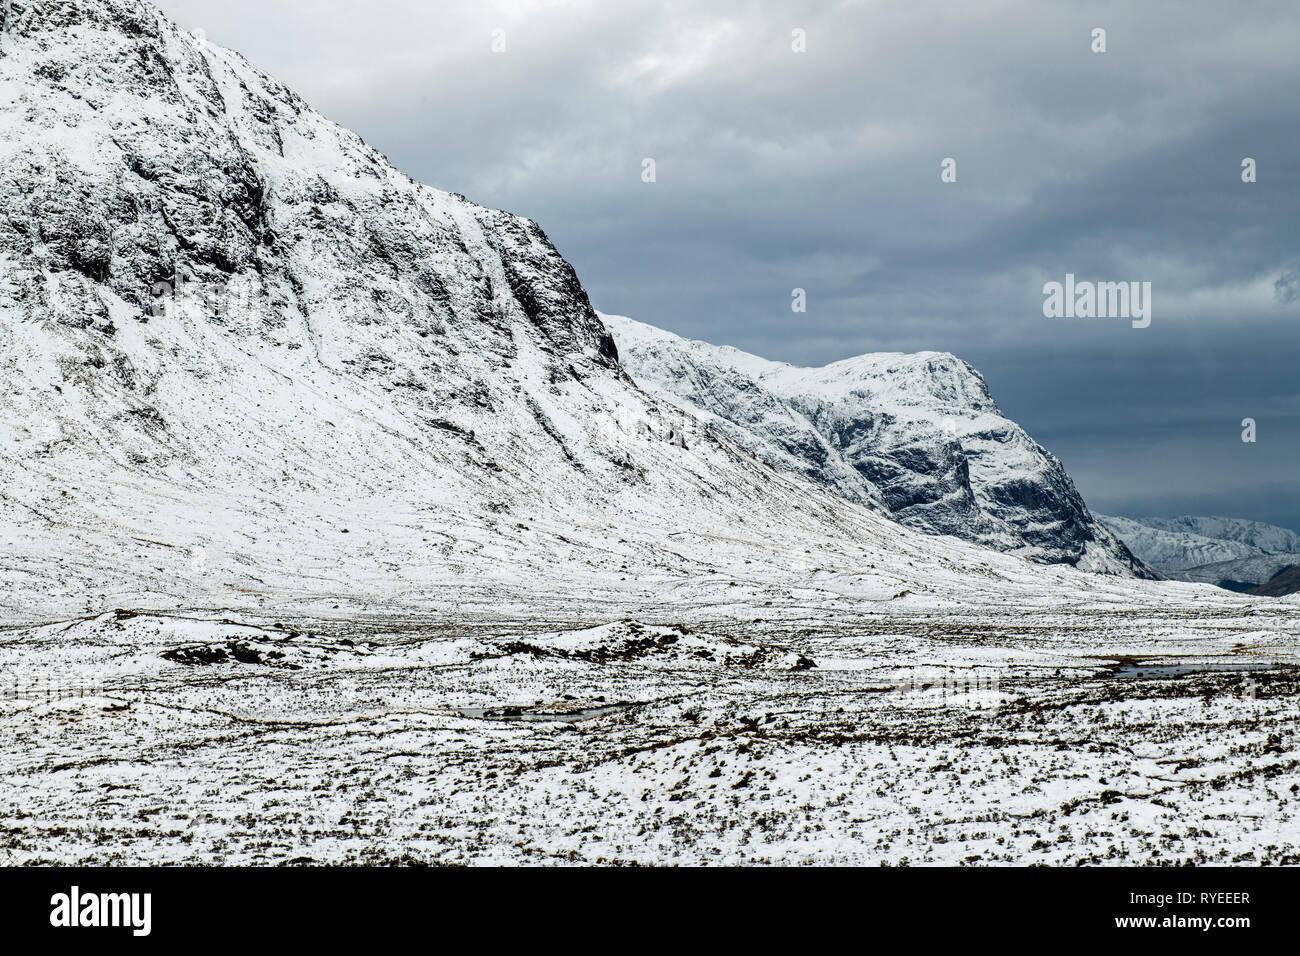 La vallée et grags de Glencoe en couleurs d'hiver en Ecosse. Photographié en Février Banque D'Images